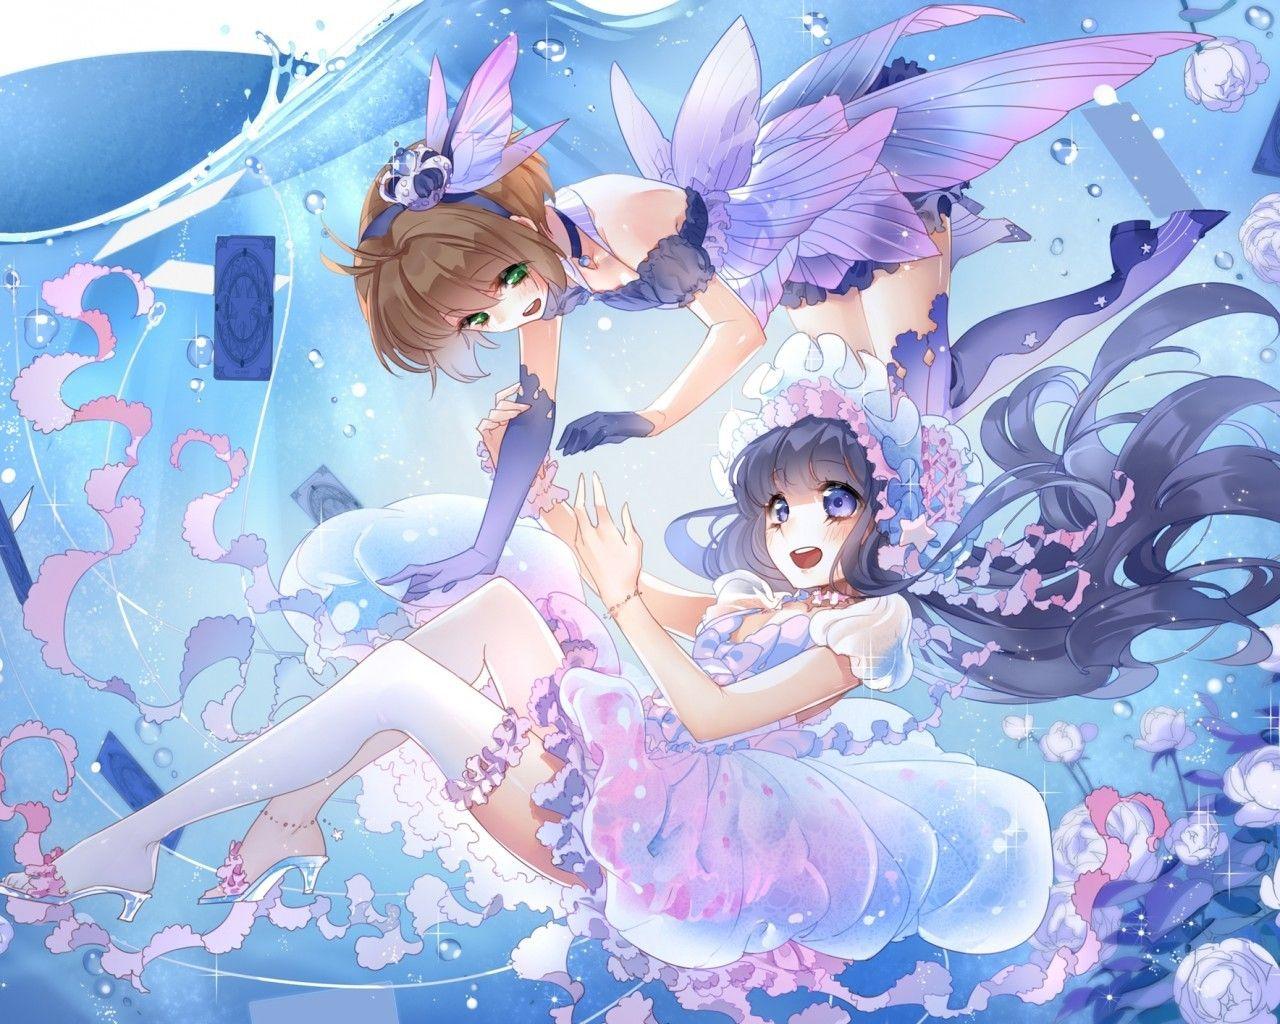 Download 1280x1024 Card Raptor Sakura Kinomoto Sakura Dress Daidouji Tomoyo Wallpapers Wallpapermaiden Cardcaptor Sakura Cardcaptor Sakura